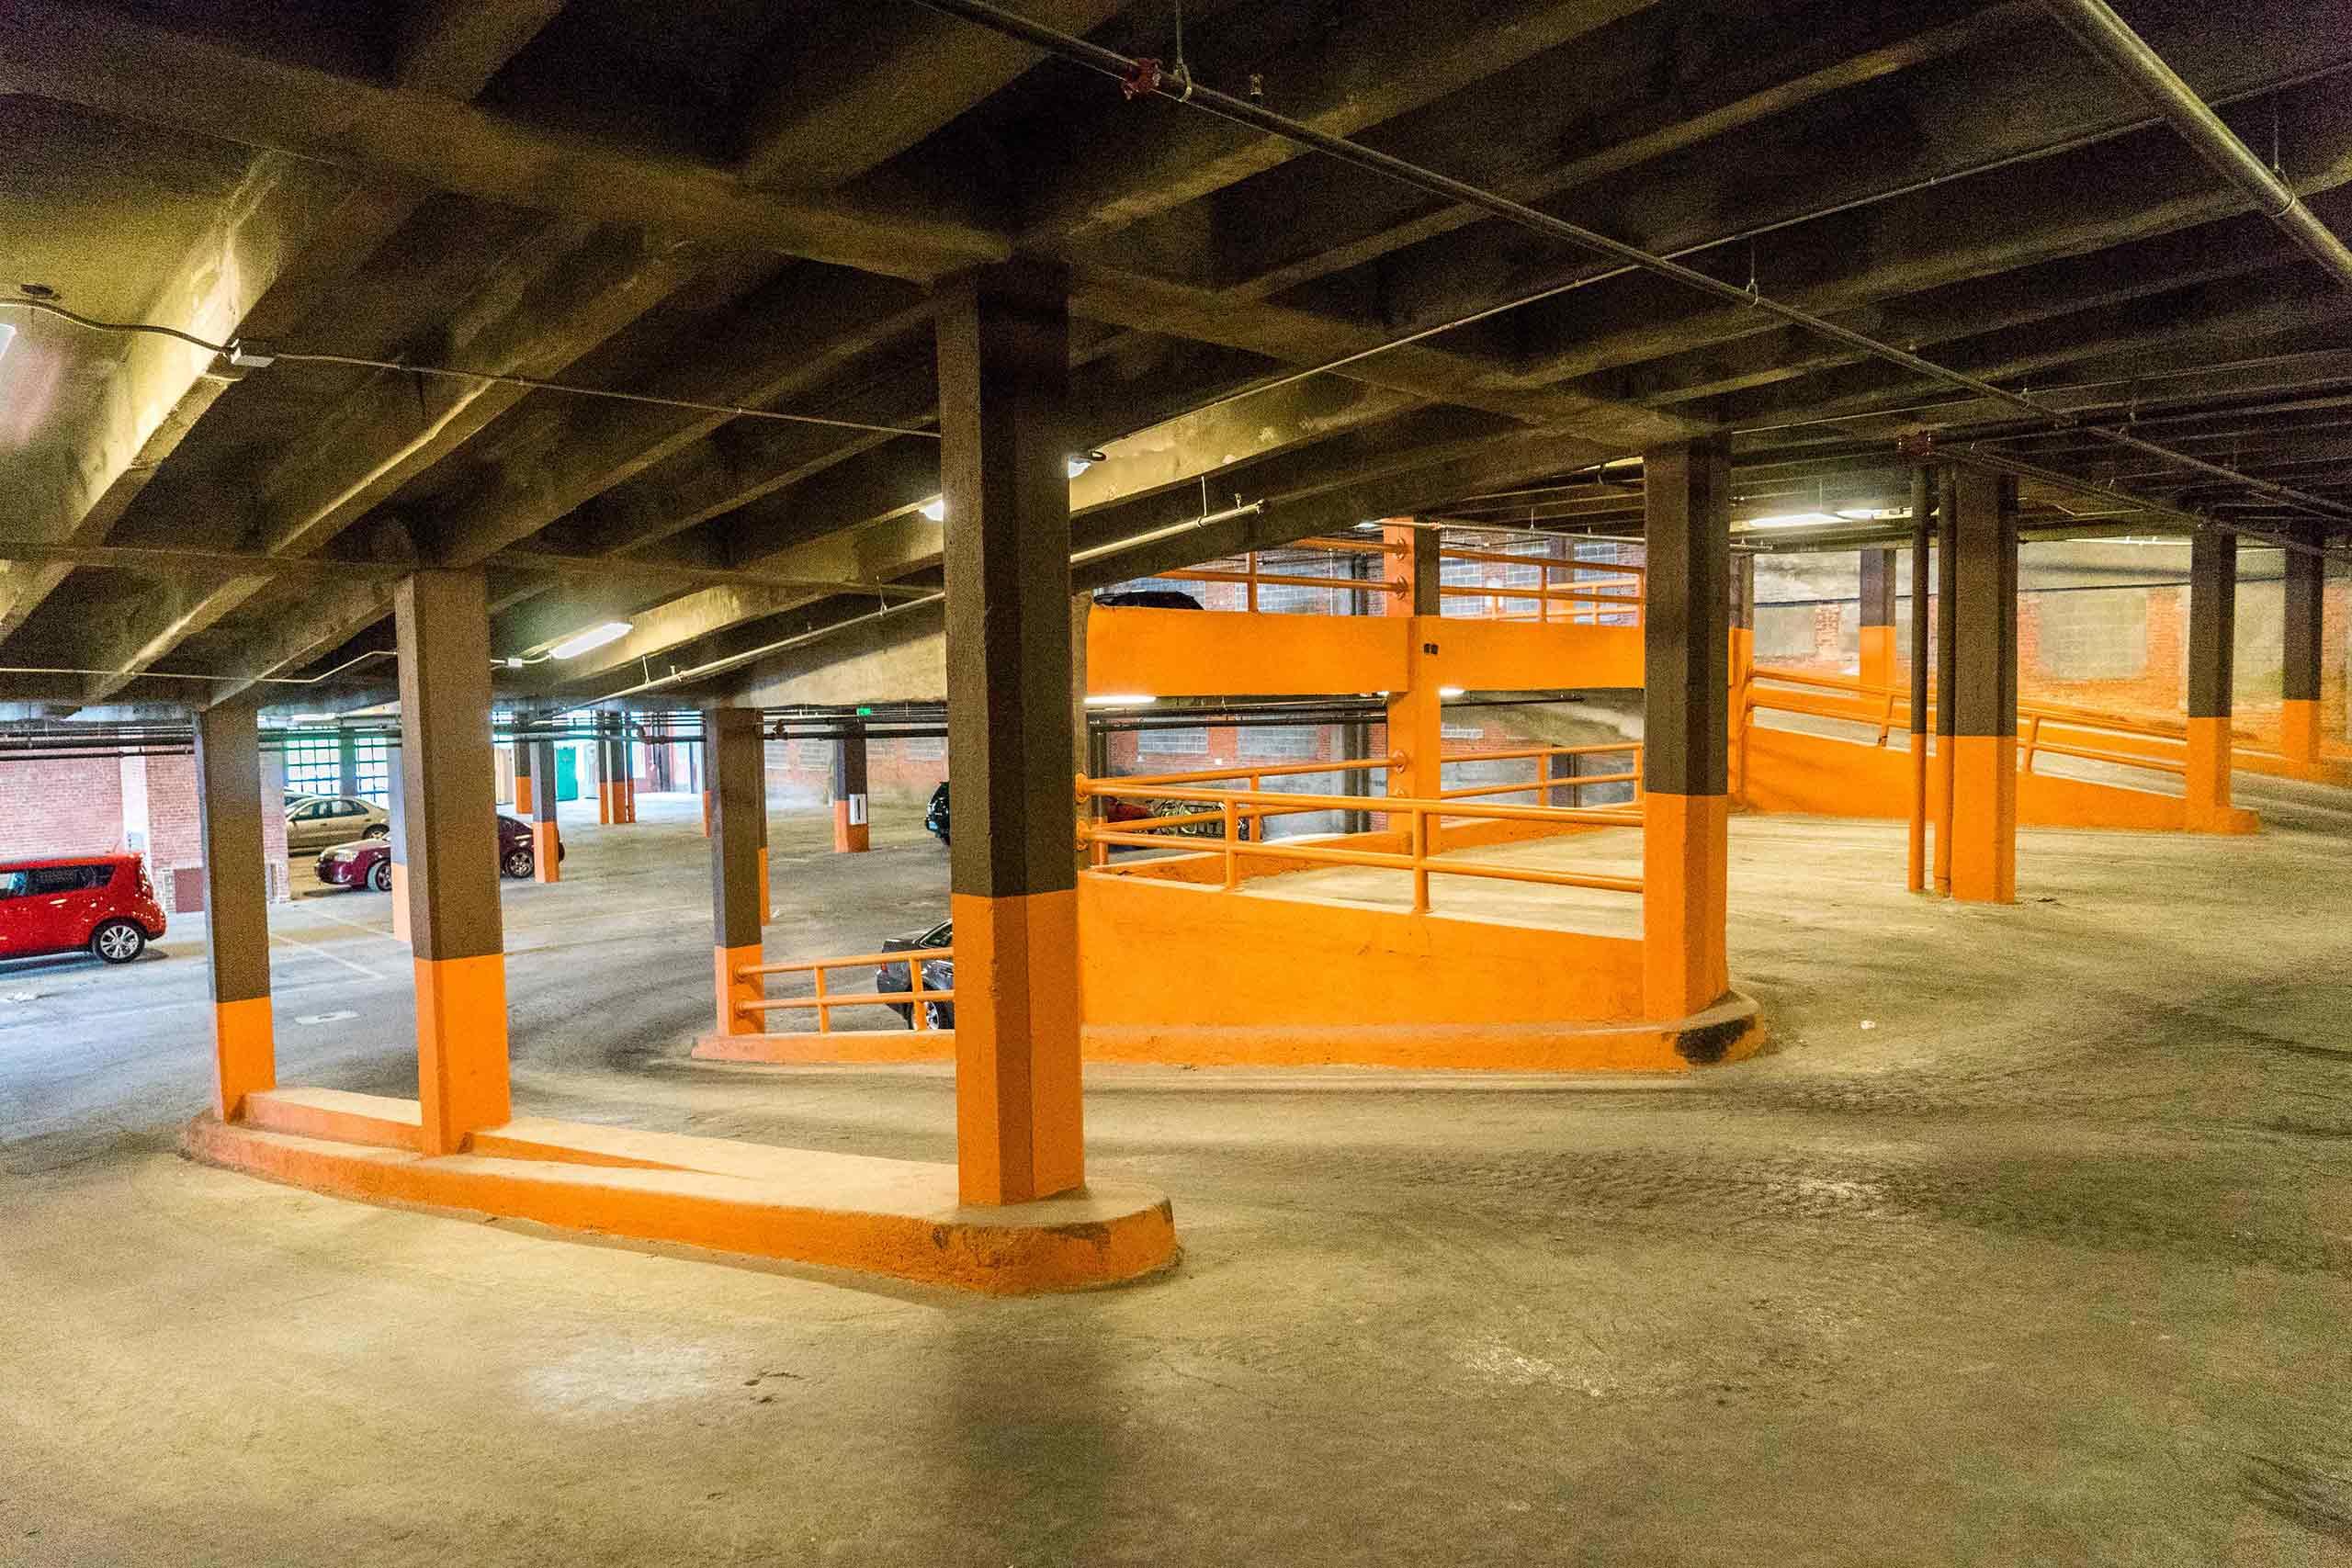 East-9-at-Pickwick-Plaza-Restored-Parking-Garage